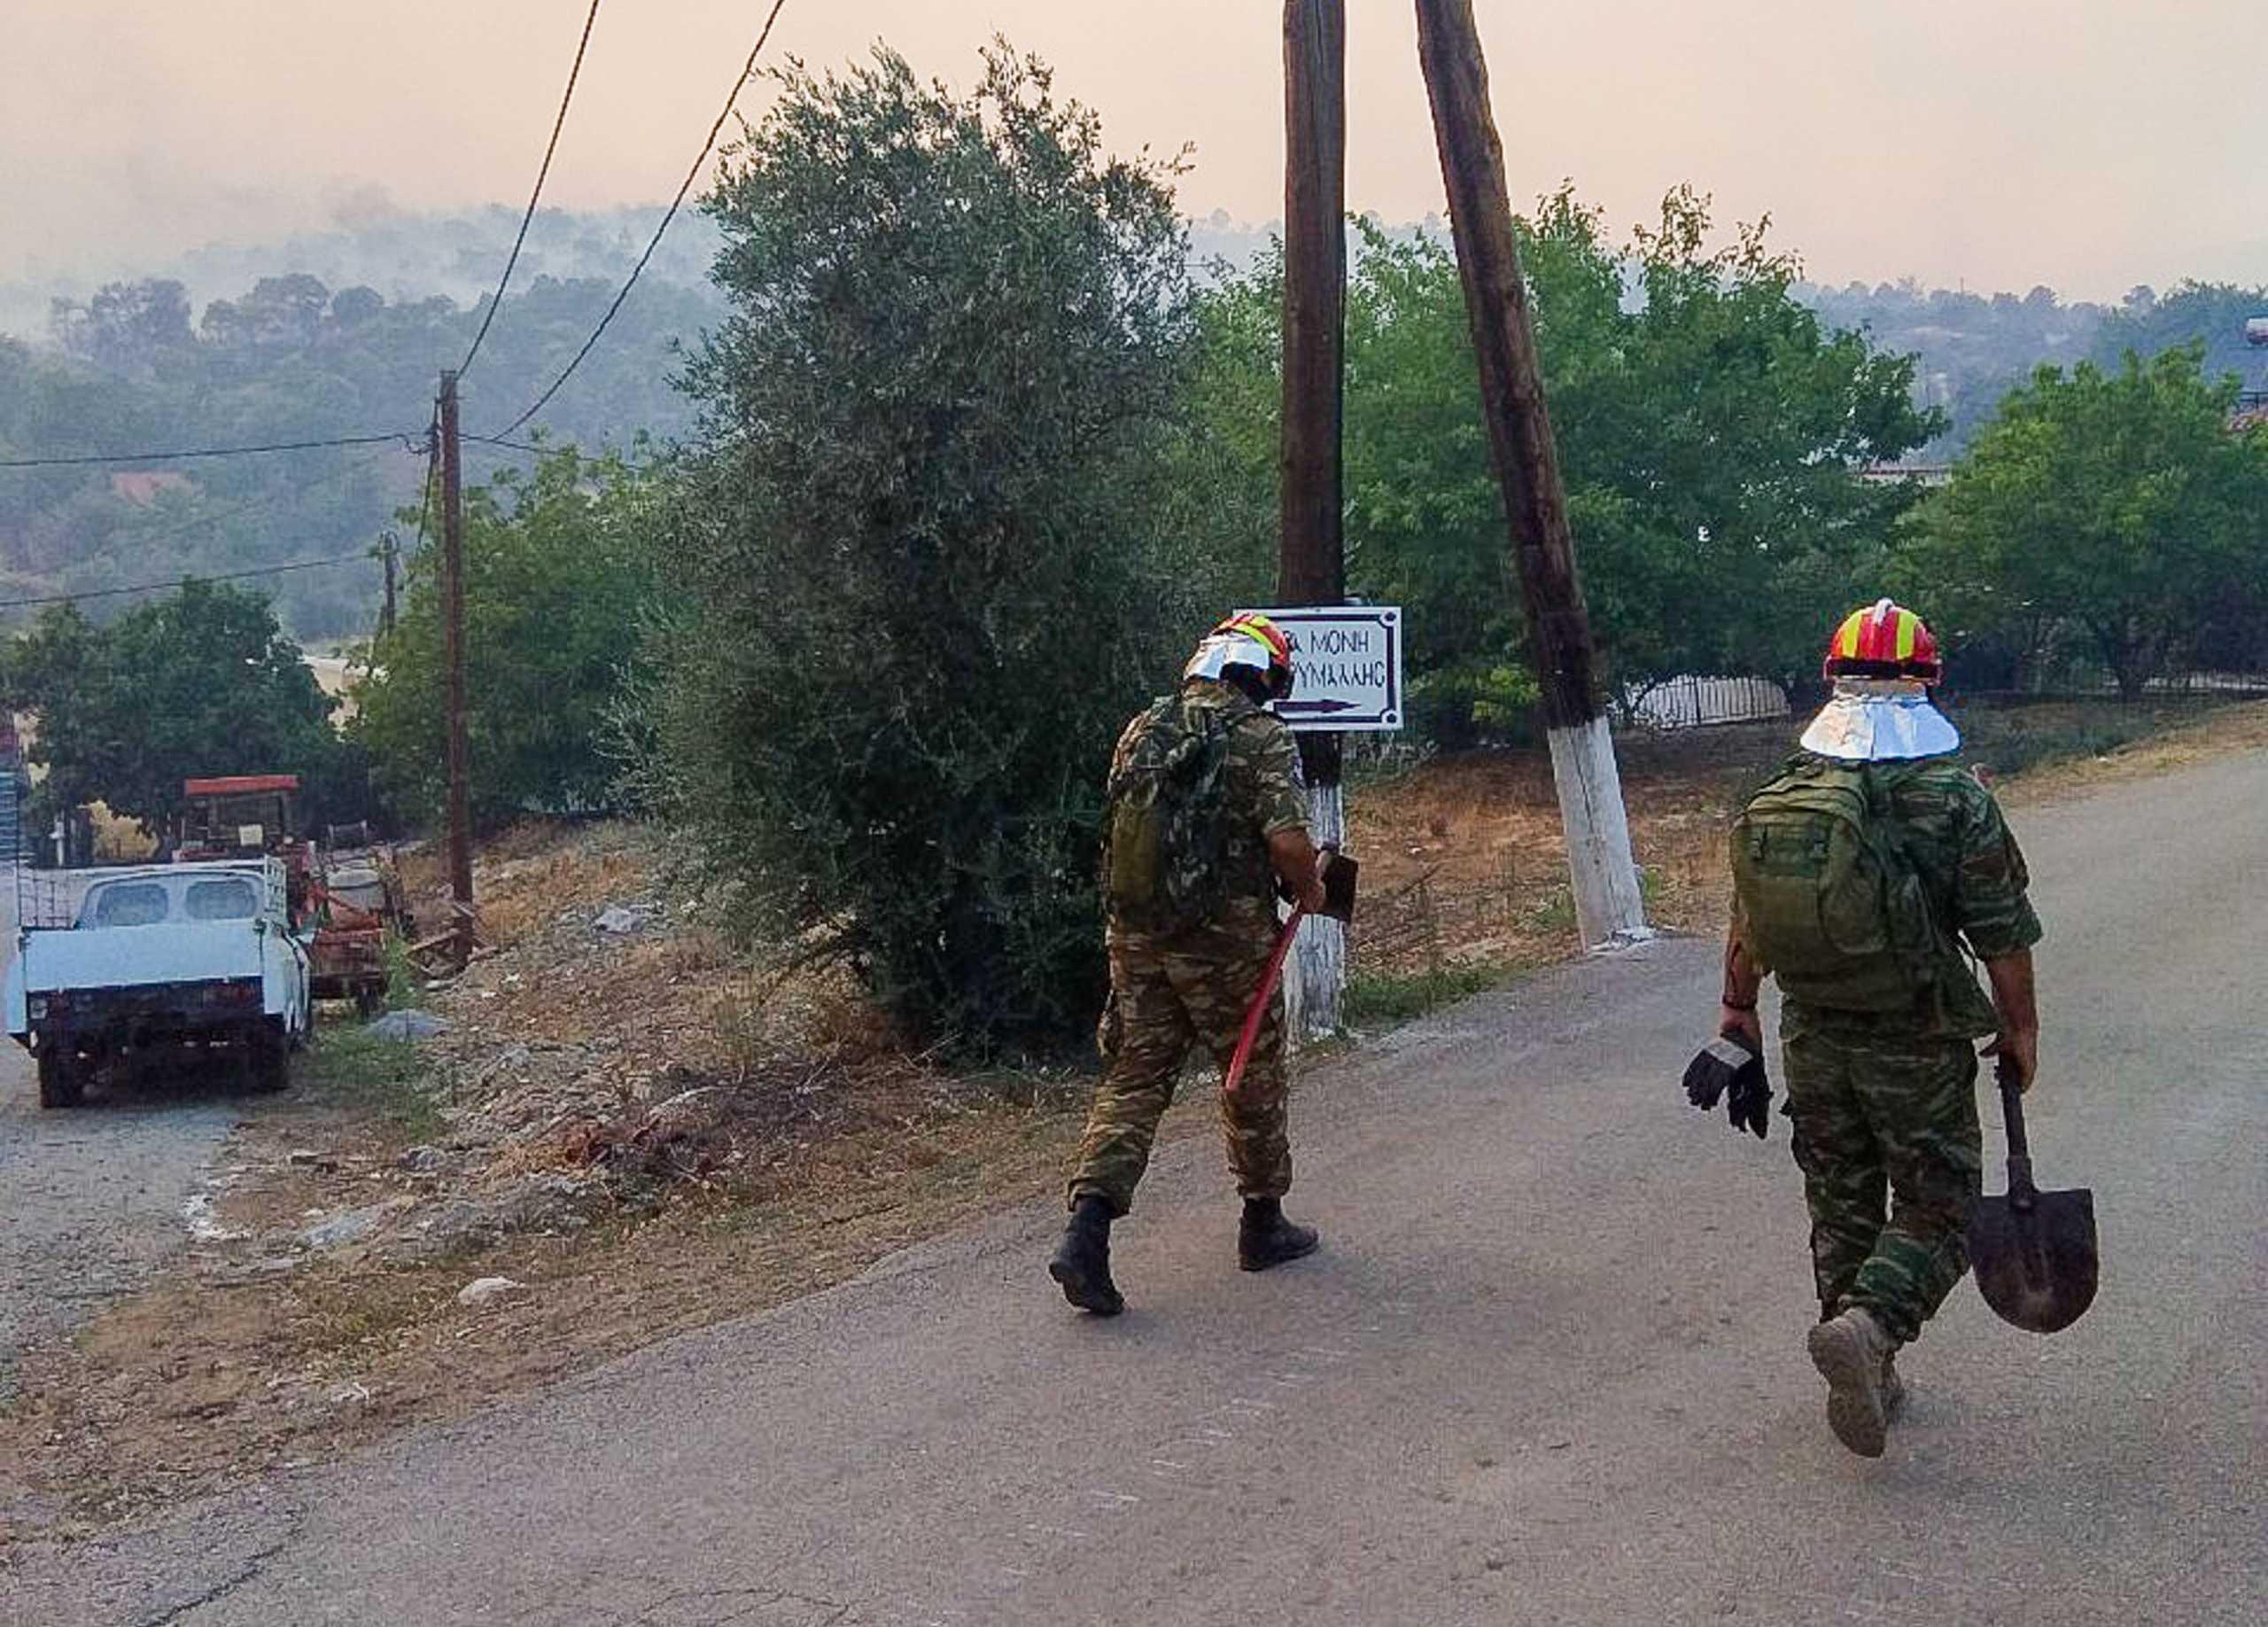 Στη «μάχη» με τις φωτιές και ο στρατός: Drone και ελικόπτερα σε όλη την επικράτεια